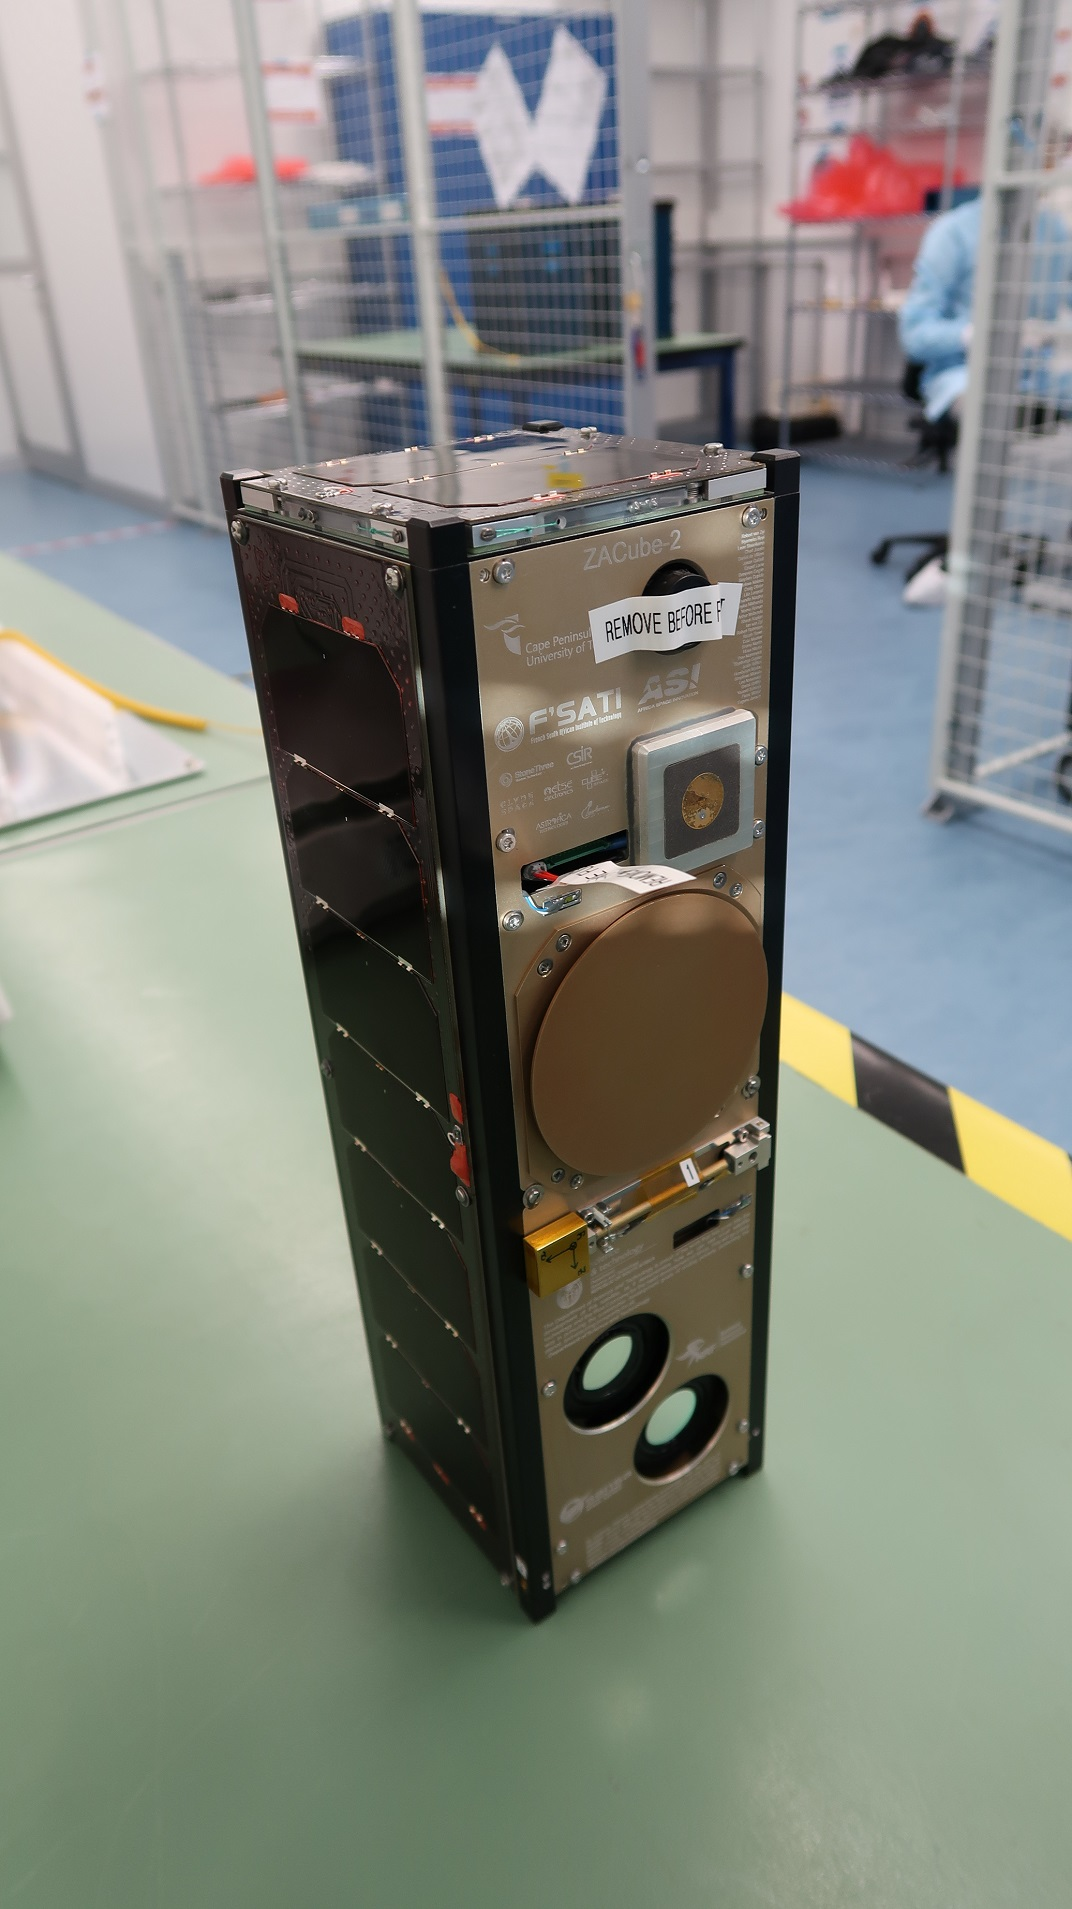 Amaya Space ZACube-2